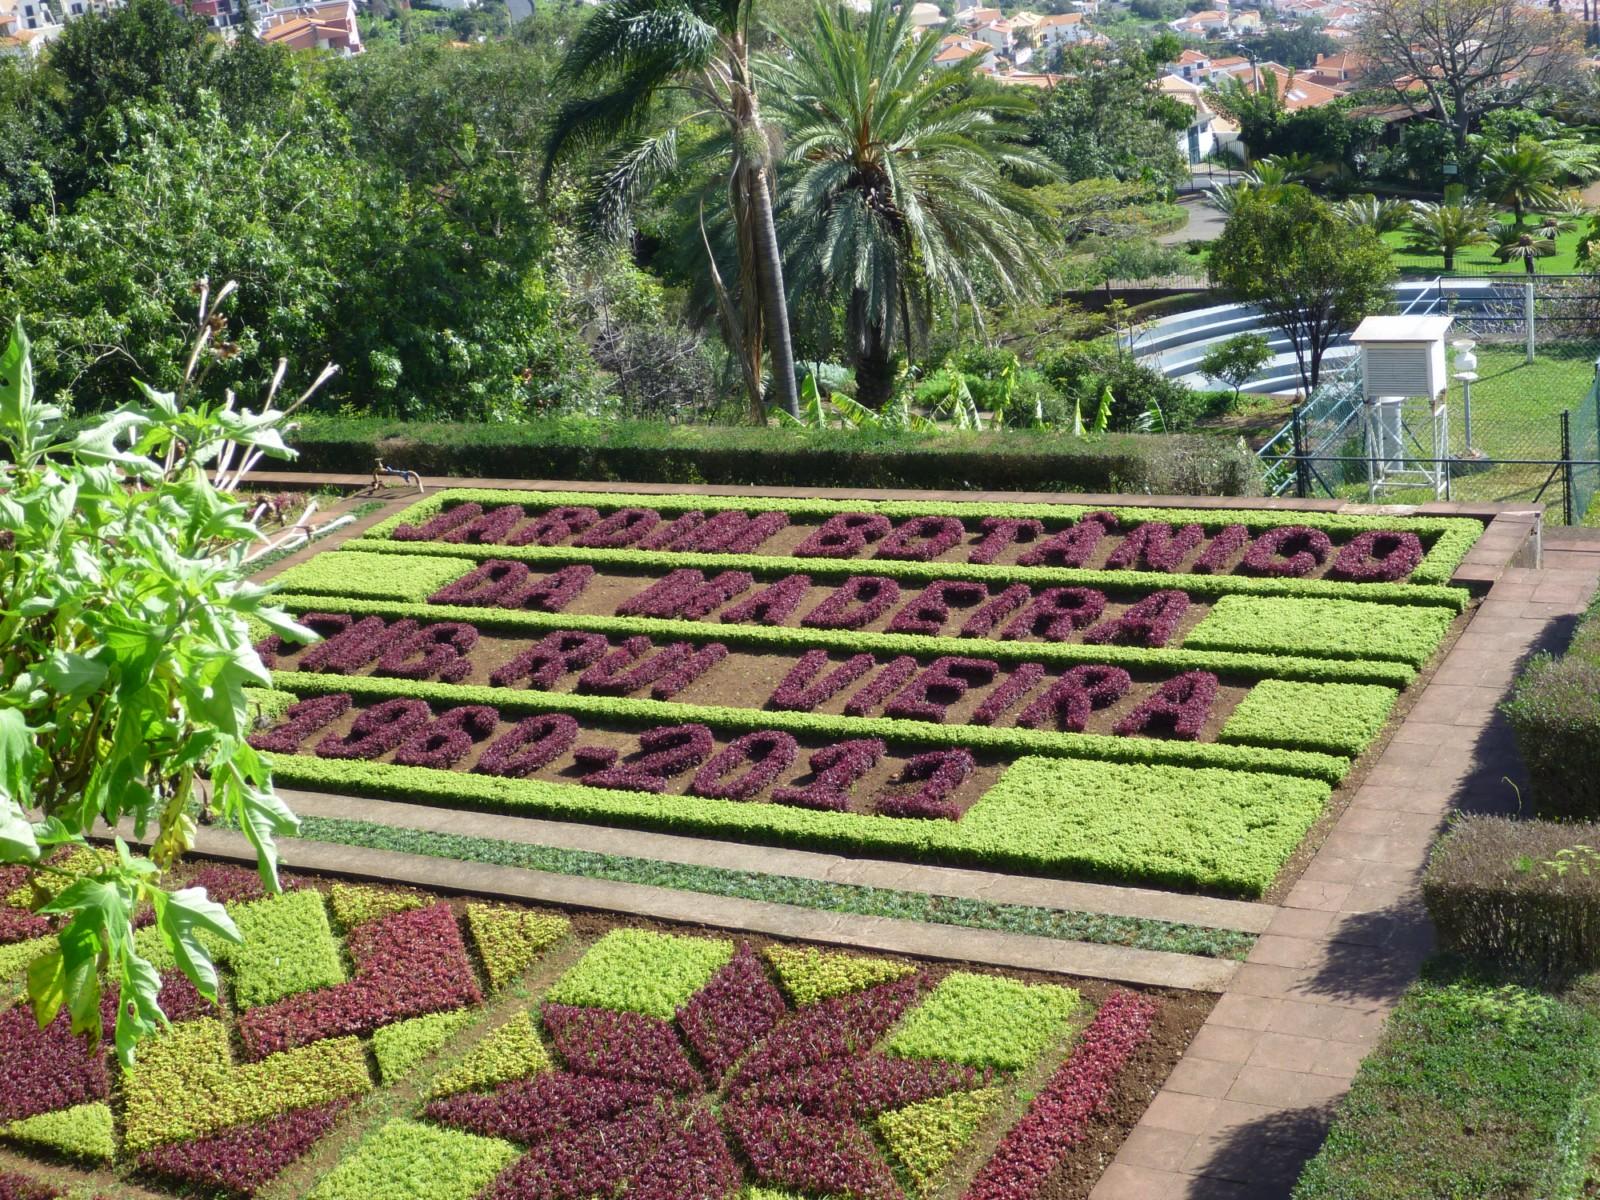 Delos 31 visite du jardin botanique de funchal for Bal des citrouilles jardin botanique